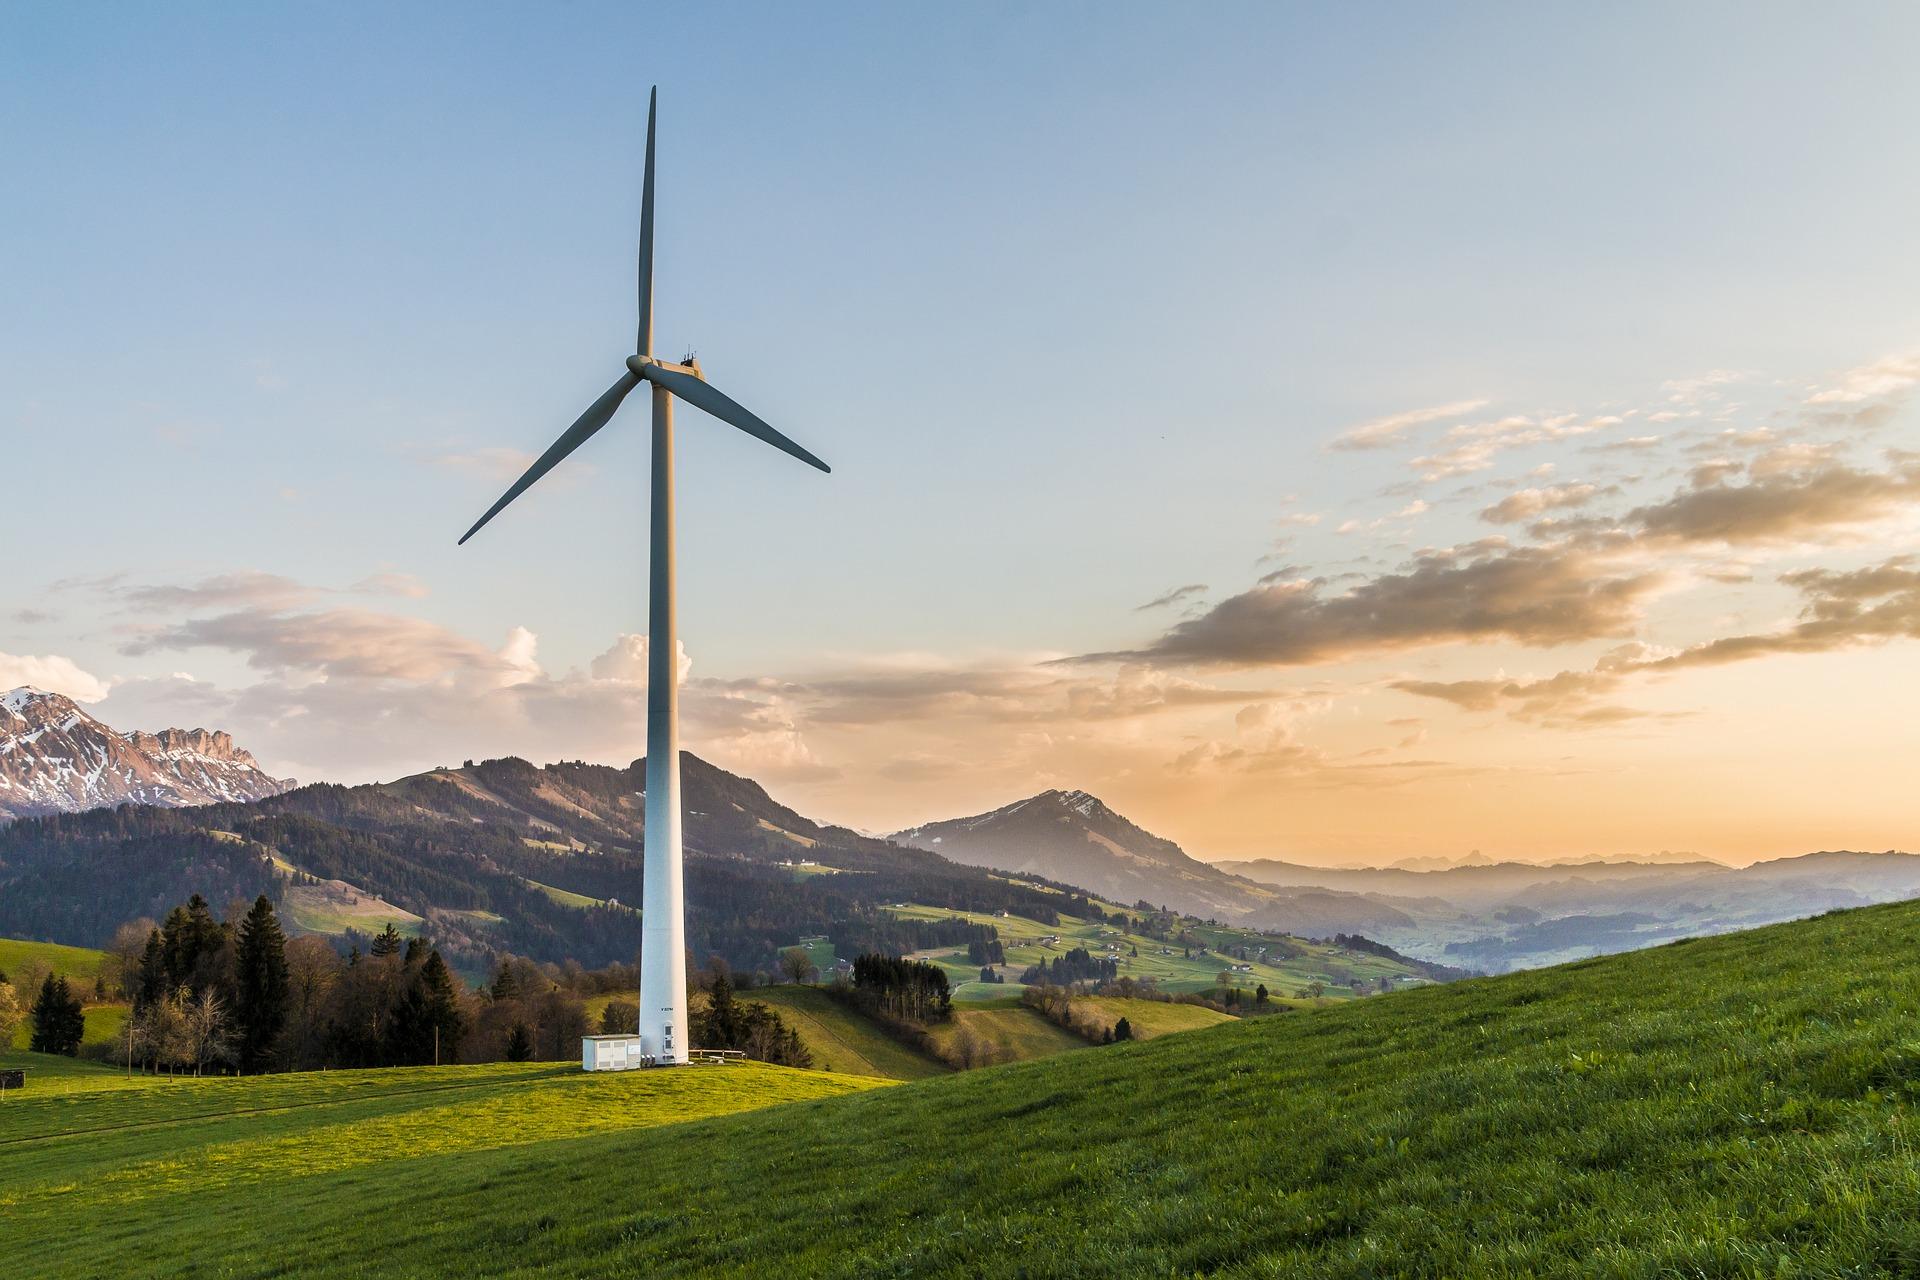 wind-turbine-2218467_1920.jpg